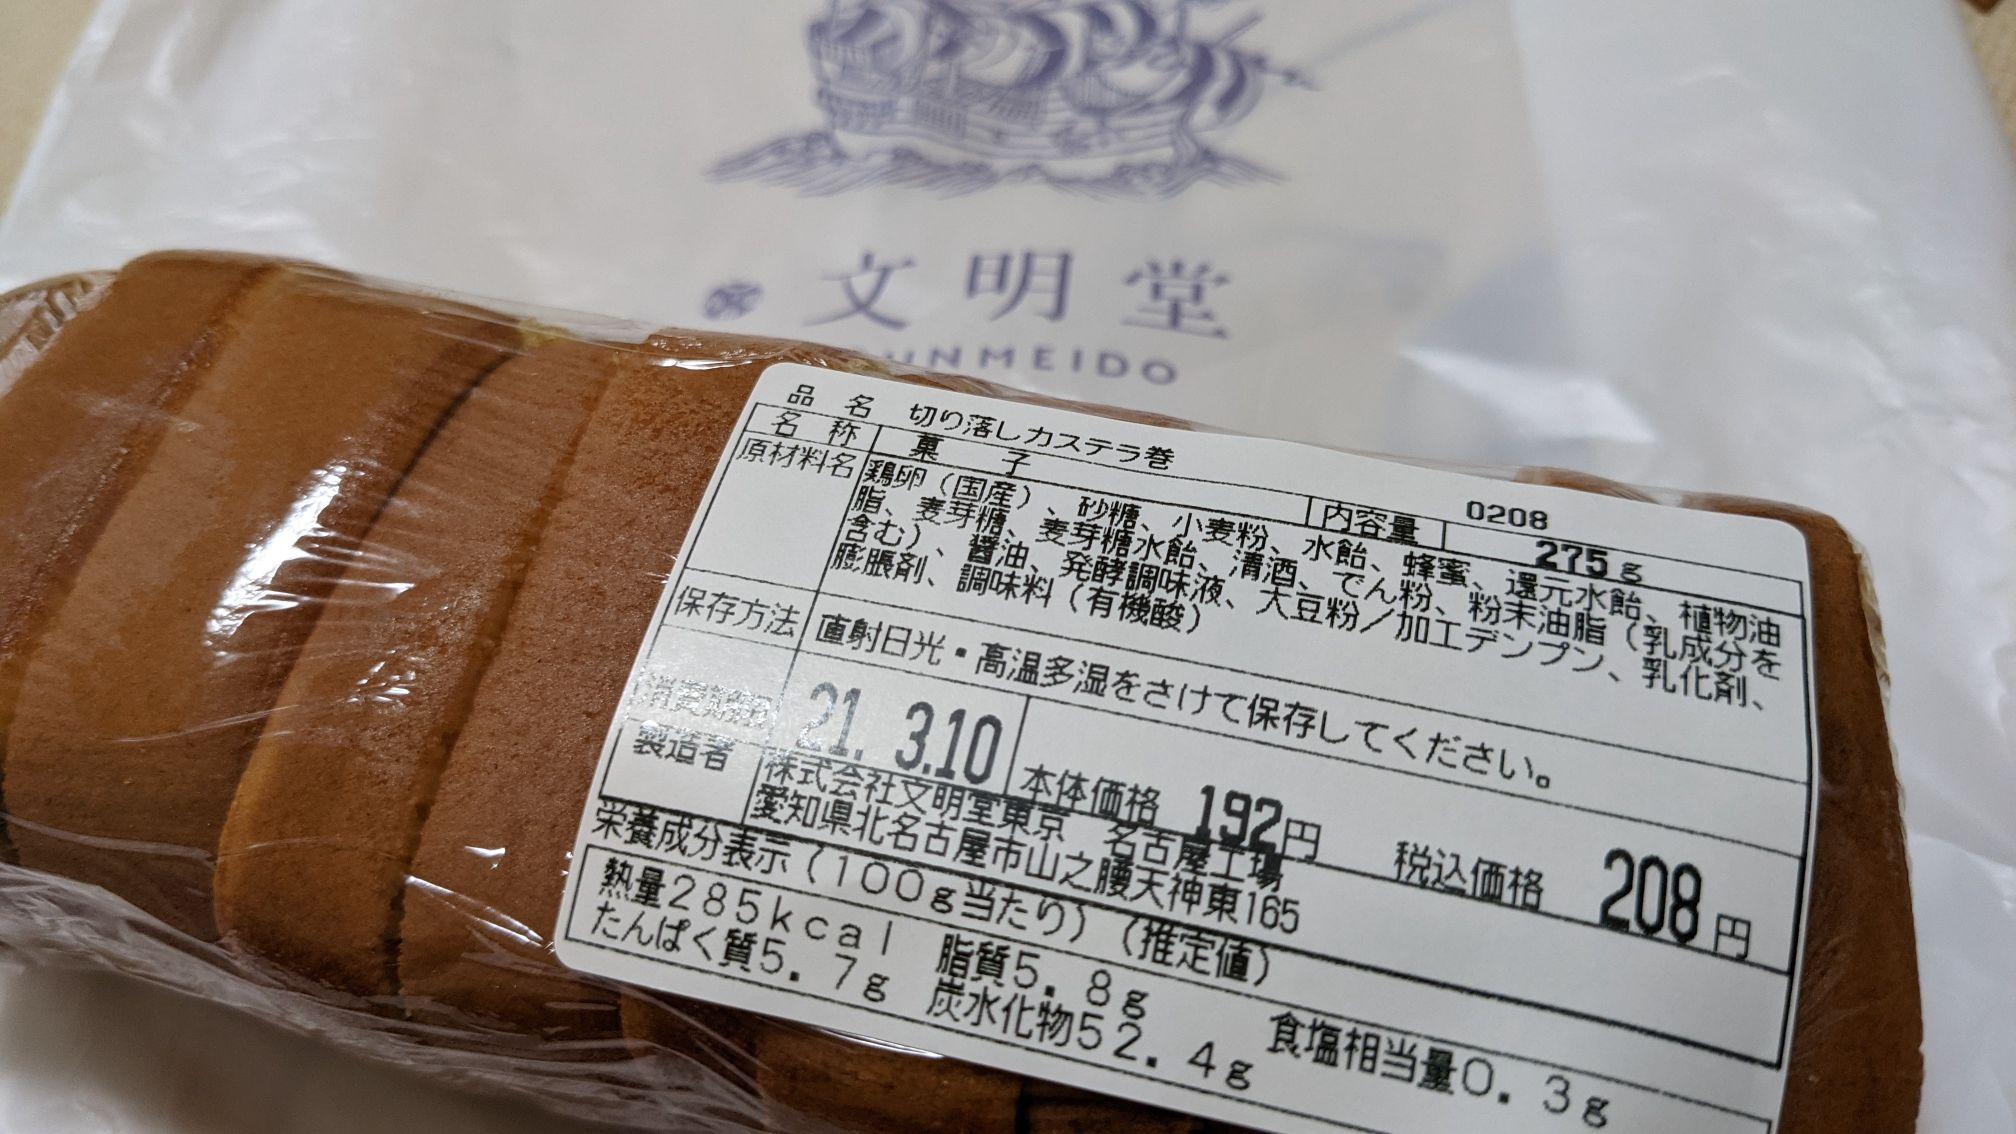 文明堂壹番舘名古屋工場売店のカステラ